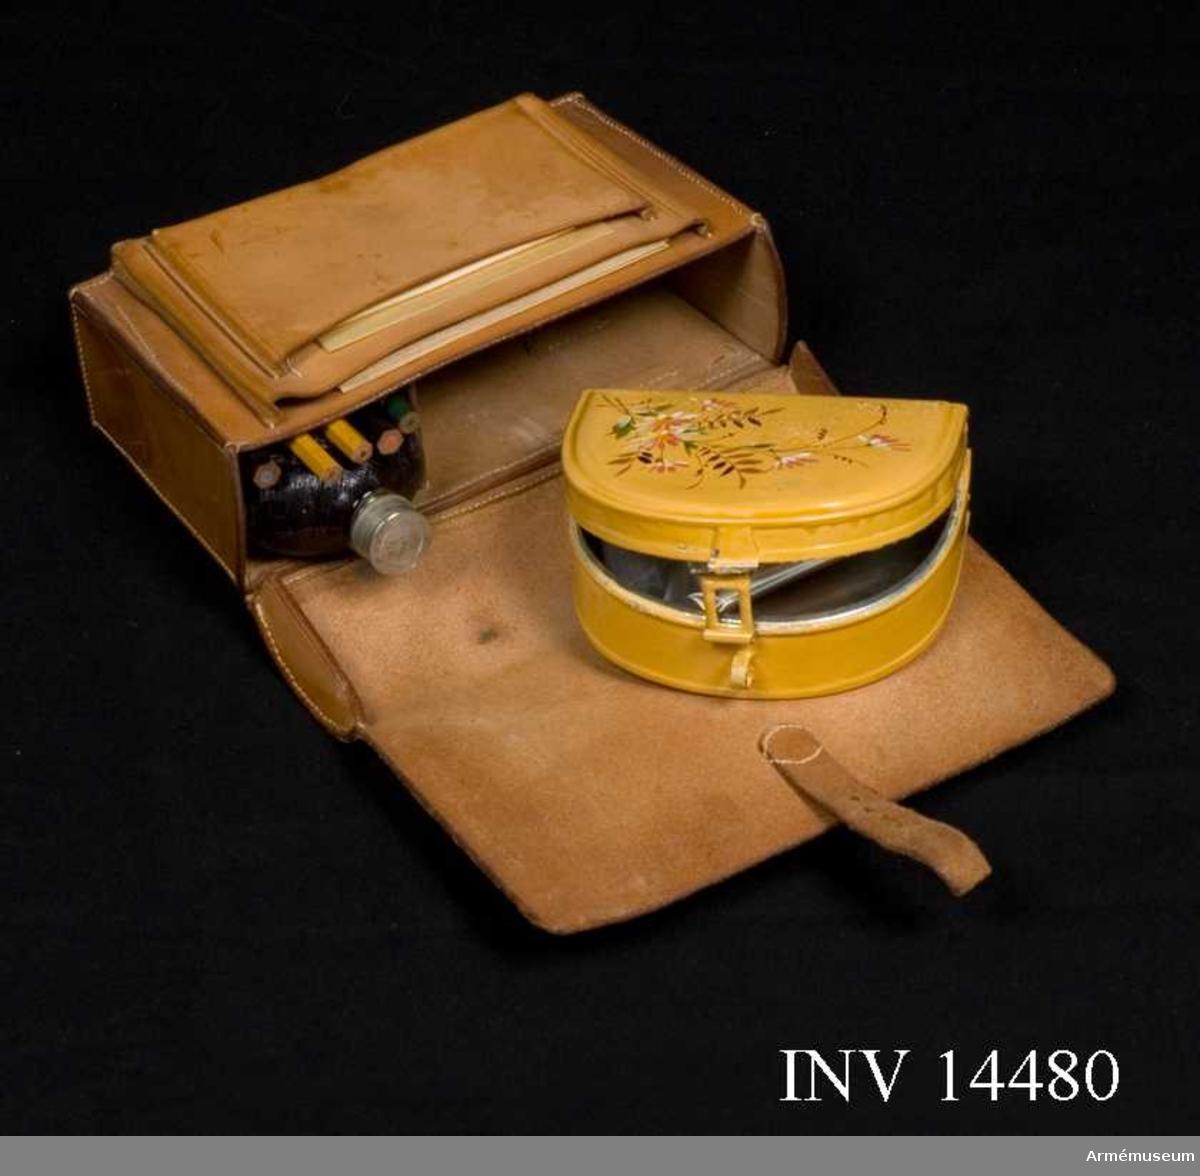 """Grupp C II Väska av naturfärgat läder. Väskan är inredd med ett fack för plåtask, ett fack för flaska och fem hållare för pennor. I väskan finns en halvcirkelformad plåtask som är målad gul på  tre sidor.  Askens lock har blommor och blad målat. Handtag av  läder. Asken innehåller rester av skorpa. Vidare finns fem blyertspennor: Två grafit (avsågade), en röd,  en grön och en blå.  Flaskans övre halva är klädd med svart skinn. På undre halvan  finns ett fodral av bleckplåt som går att ta bort. Skruvkork av plåt med en korkbit inuti. På framsidans utsida finns två fickor. I den större fickan finns  sju rapportkuvert, varav ett innehåller fyra blanketter med 8 x 12 rutor (för avstånd) på ena sidan och andra sidan har  tryckt """"Från"""", """"Till"""", """"Afgångsort:"""" och """"Den  /  kl.  m.""""  Den främre fickan har ett tunt, ganska genomskinligt papper med  fyra rutindelade fält för avstånd 0 - 5 km samt ett """"P.M. till  ledning under fälttjenstöfningarna 1899"""" - föreskrift nr 821 i go 7 juli 1899. Locket viks över hela framsidan och stänges på väskans undersida  med rem och spänne. På väskans baksida finns två 30 mm breda hällor av läder fastsydda. Mellan hällorna finns svag blyertsskrift """"Håkansson""""."""